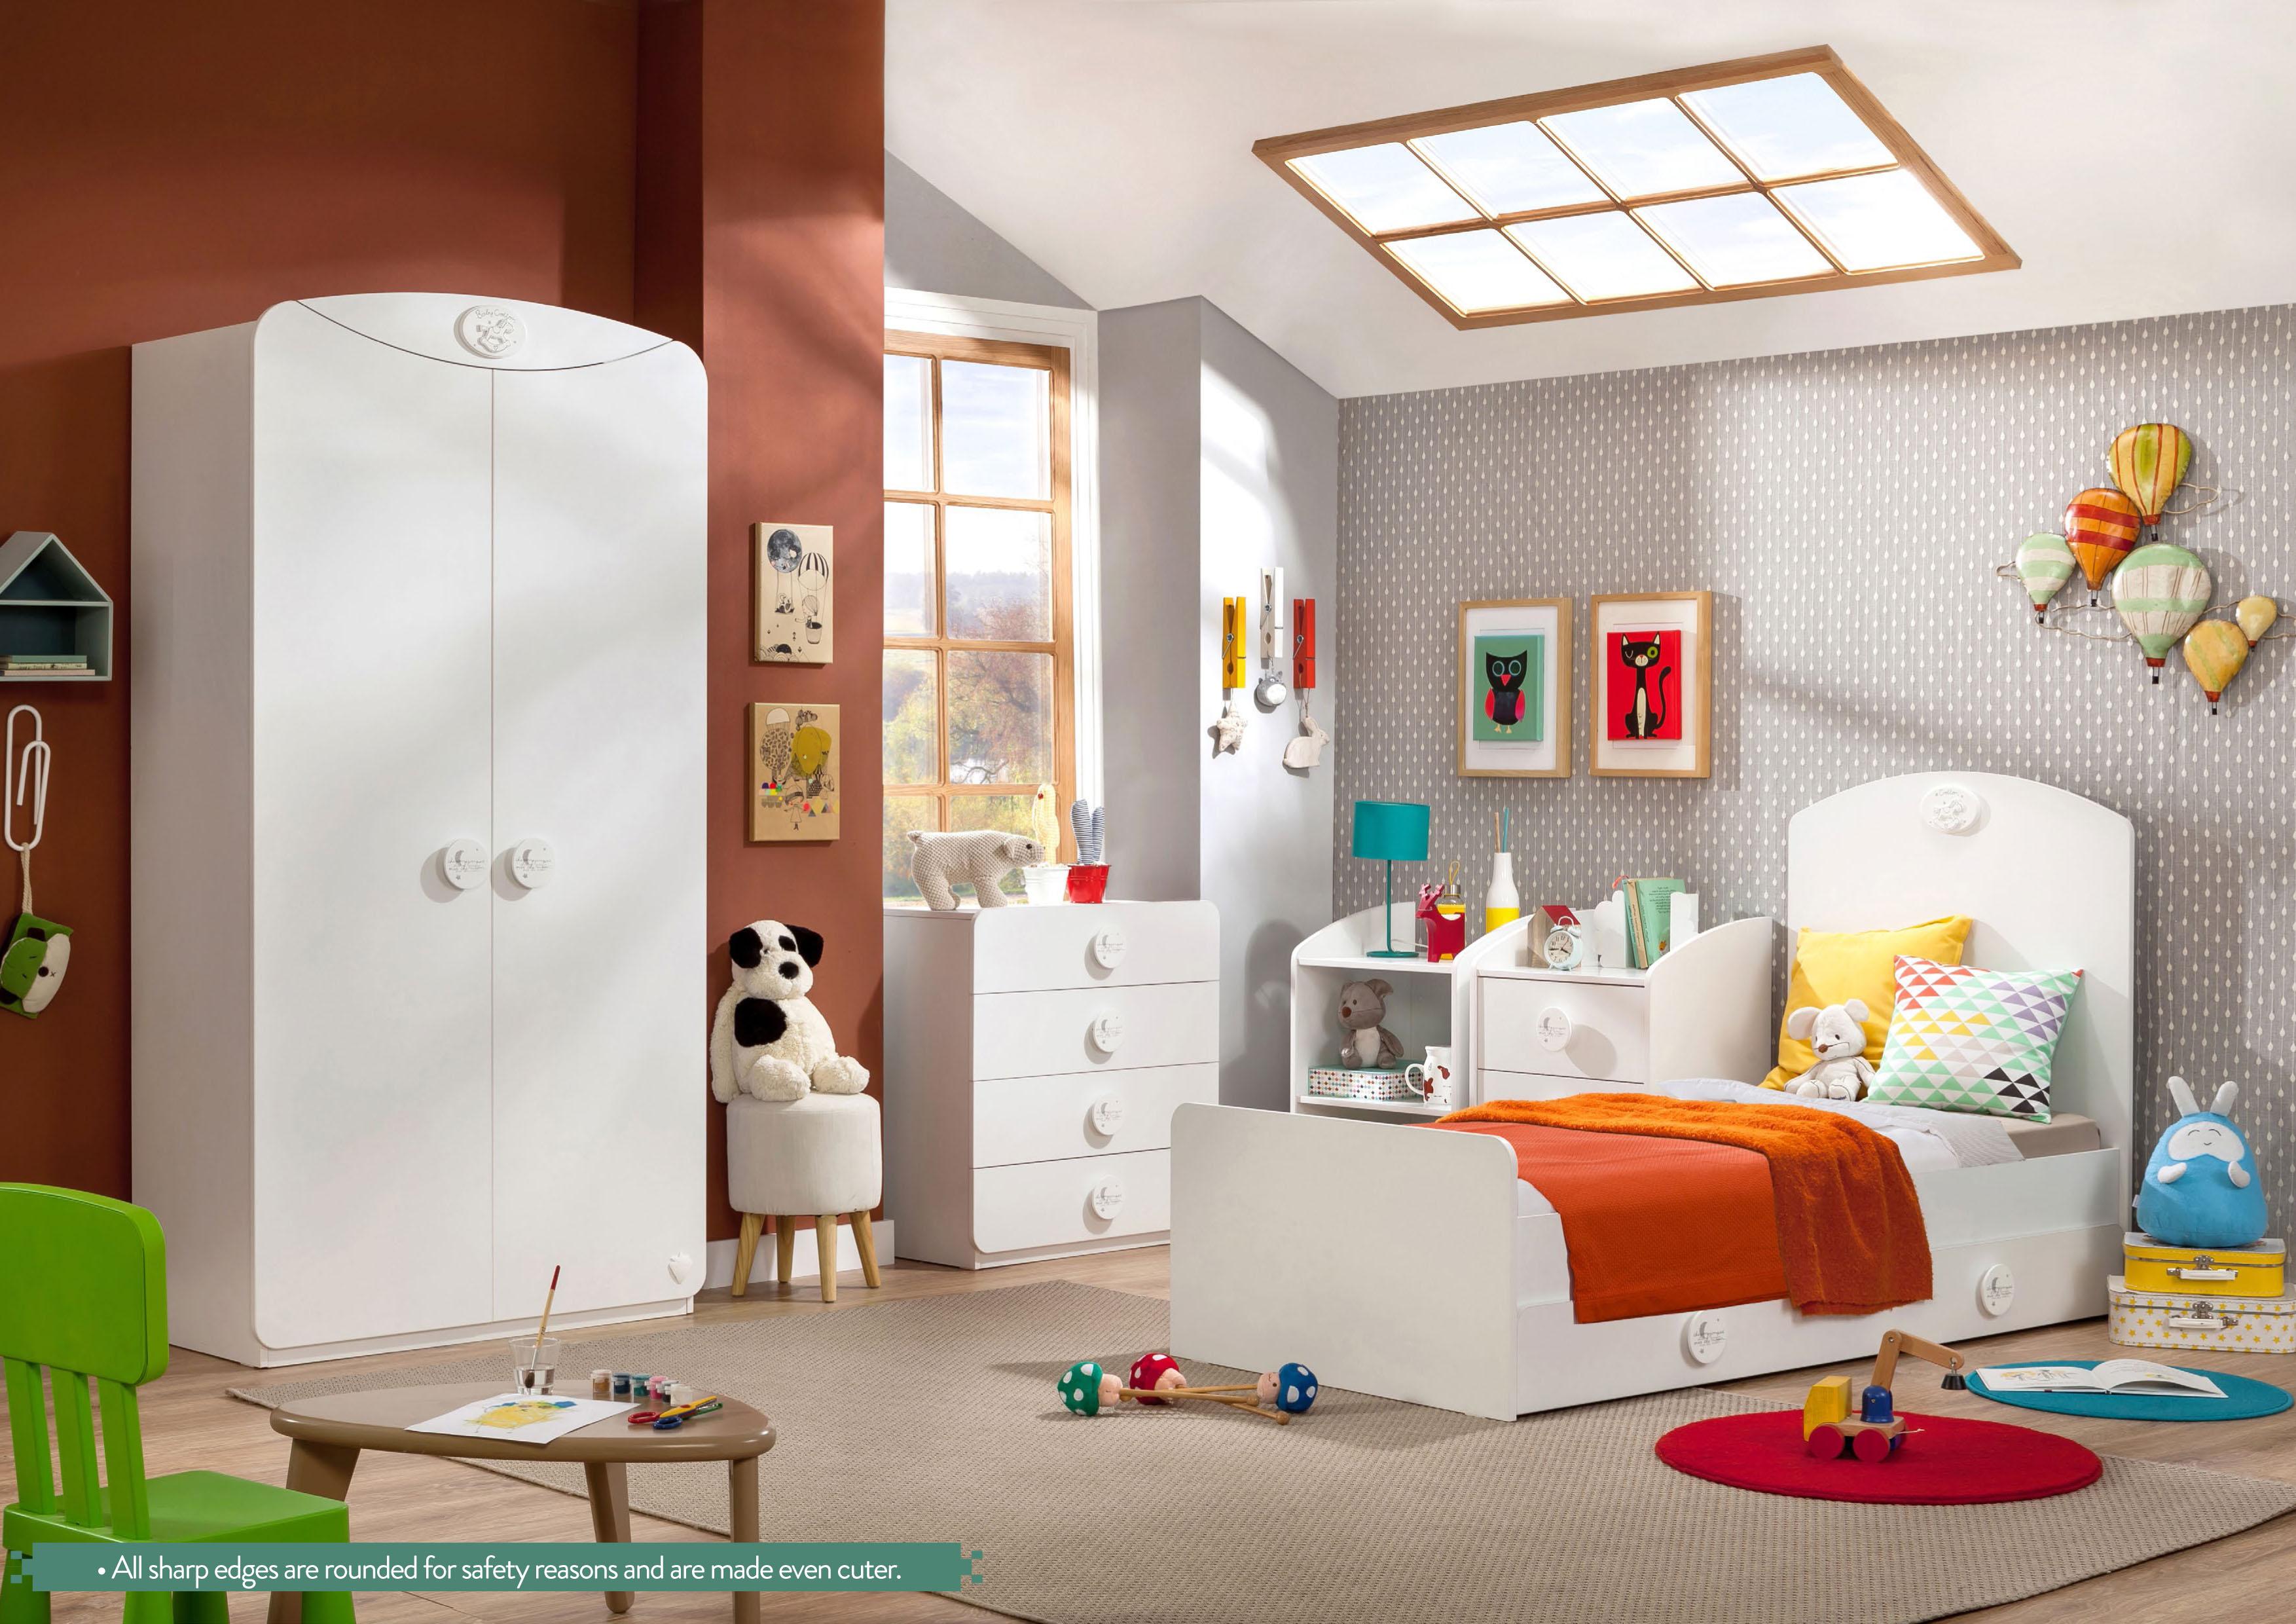 Slaapkamer idee decoratie - Beeld decoratie slaapkamer ...